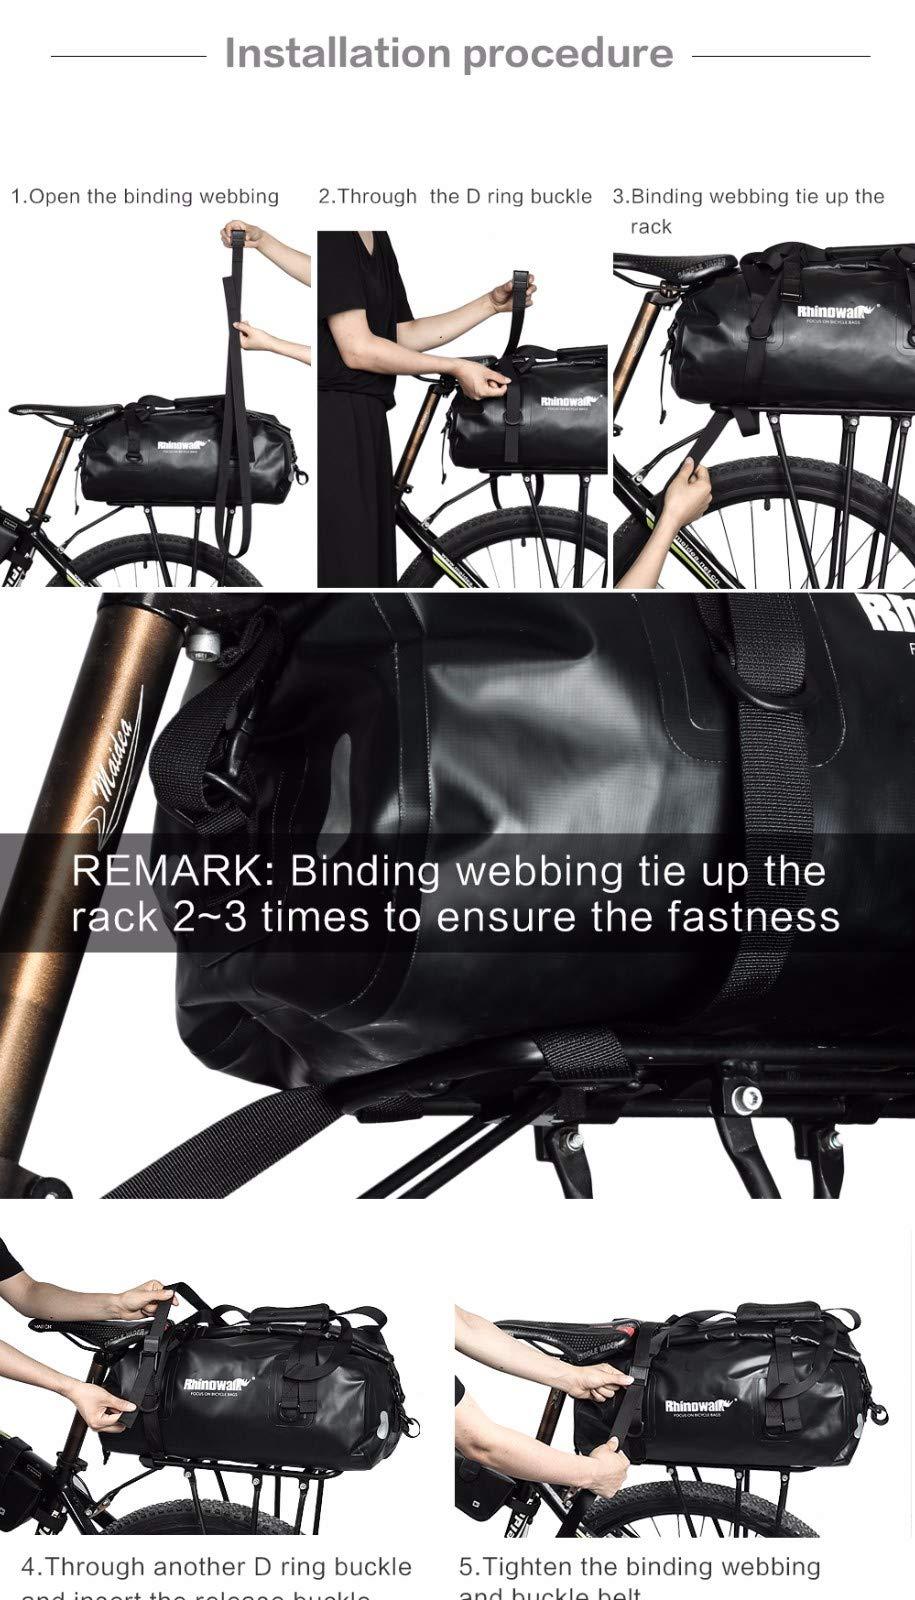 Rhinowalk Bike Bag Waterproof Bike Pannier Biycle Cargo Rack 25L Postman Saddle Bag Shoulder Bag Laptop Pannier Rack Bicycle Bag Professional Cycling Accessories (Two in one)